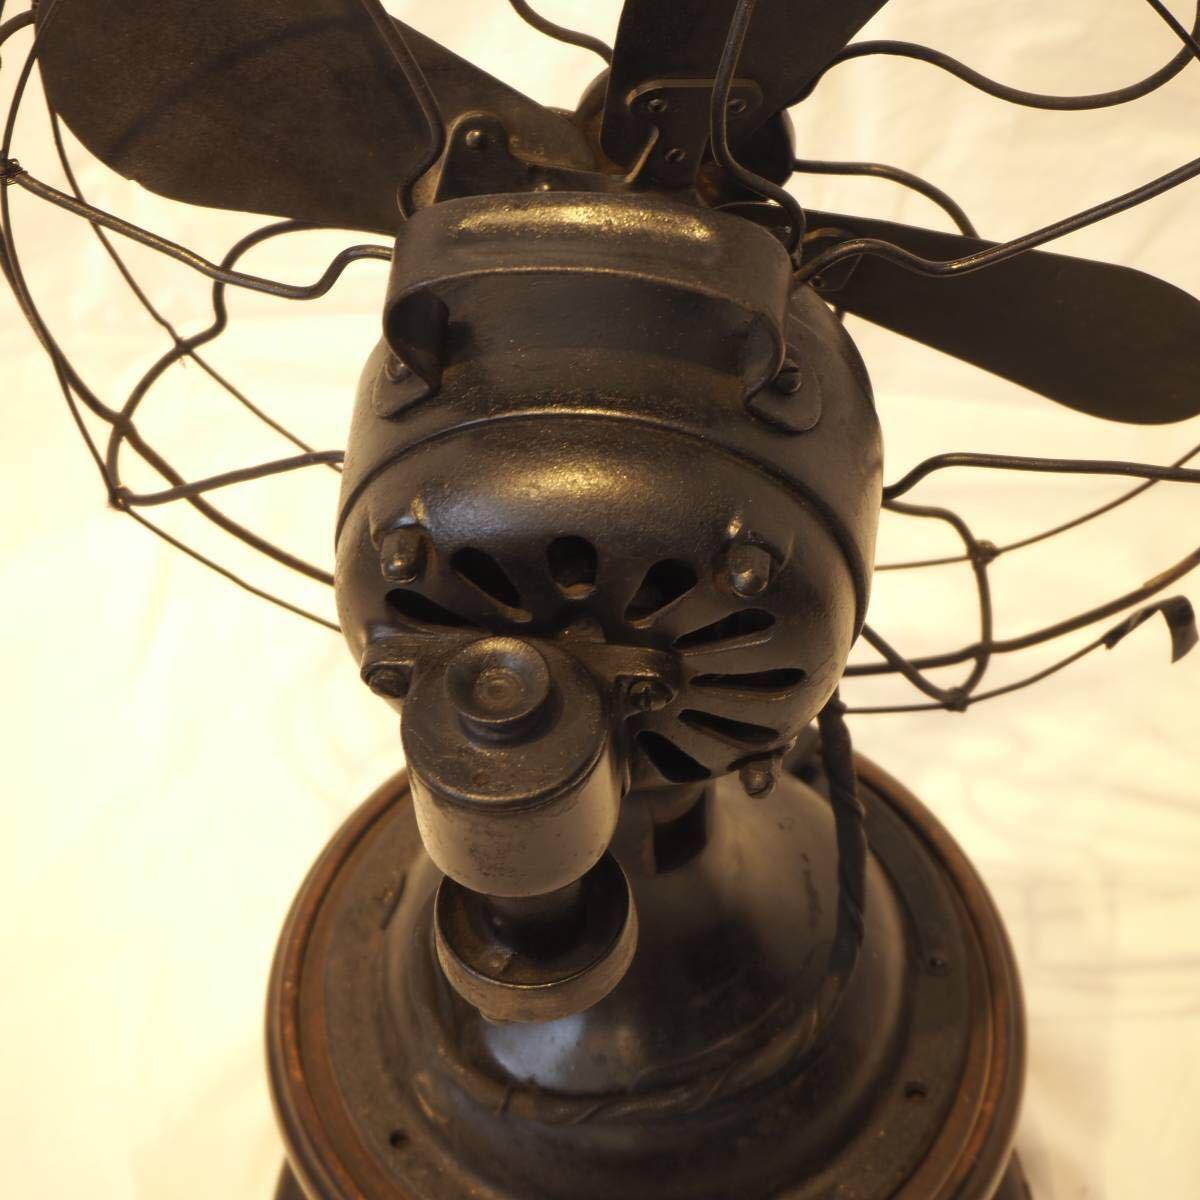 オブジェ等に!貴重な芝浦製 レトロな扇風機 ビンテージ品!即決送料無料!_画像3